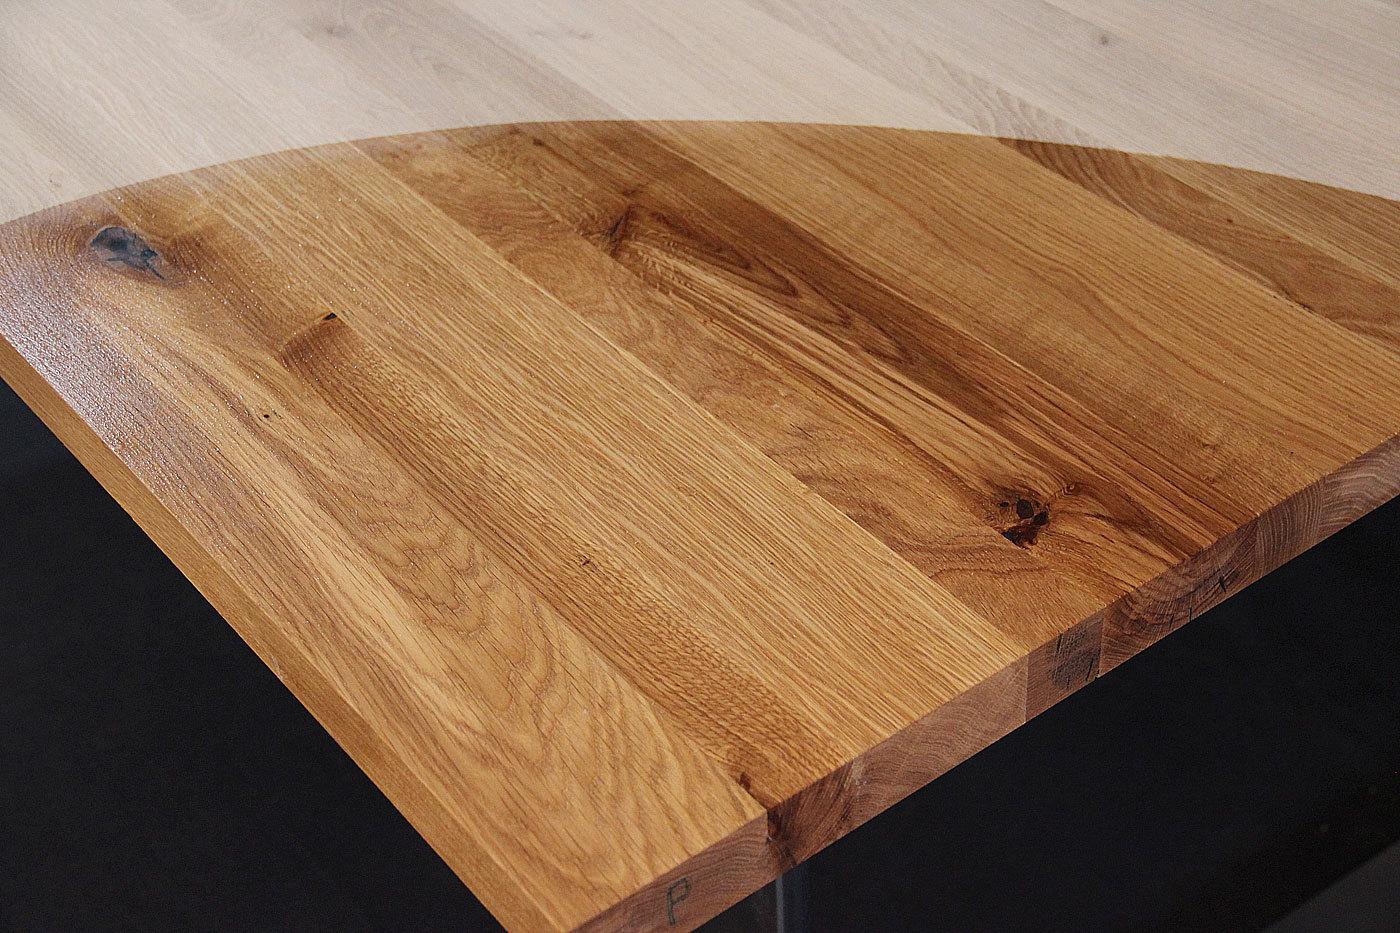 Tischplatte massivholz wildeiche asteiche dl 40 1800 900 for Massivholz tischplatte